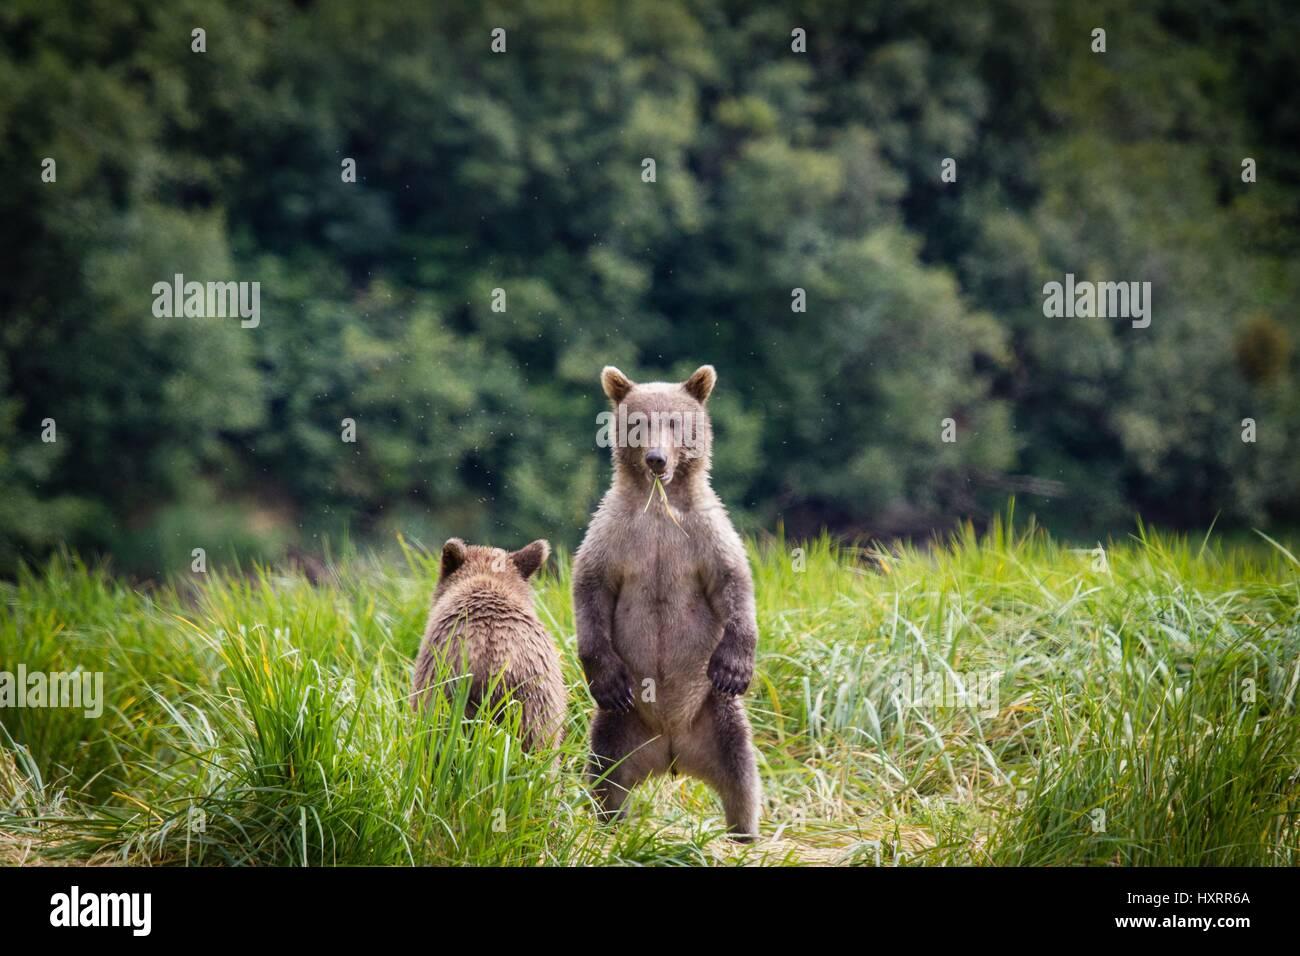 Grizzly bear cubs play along Amalik Bay in Katmai National Park Alaska. - Stock Image